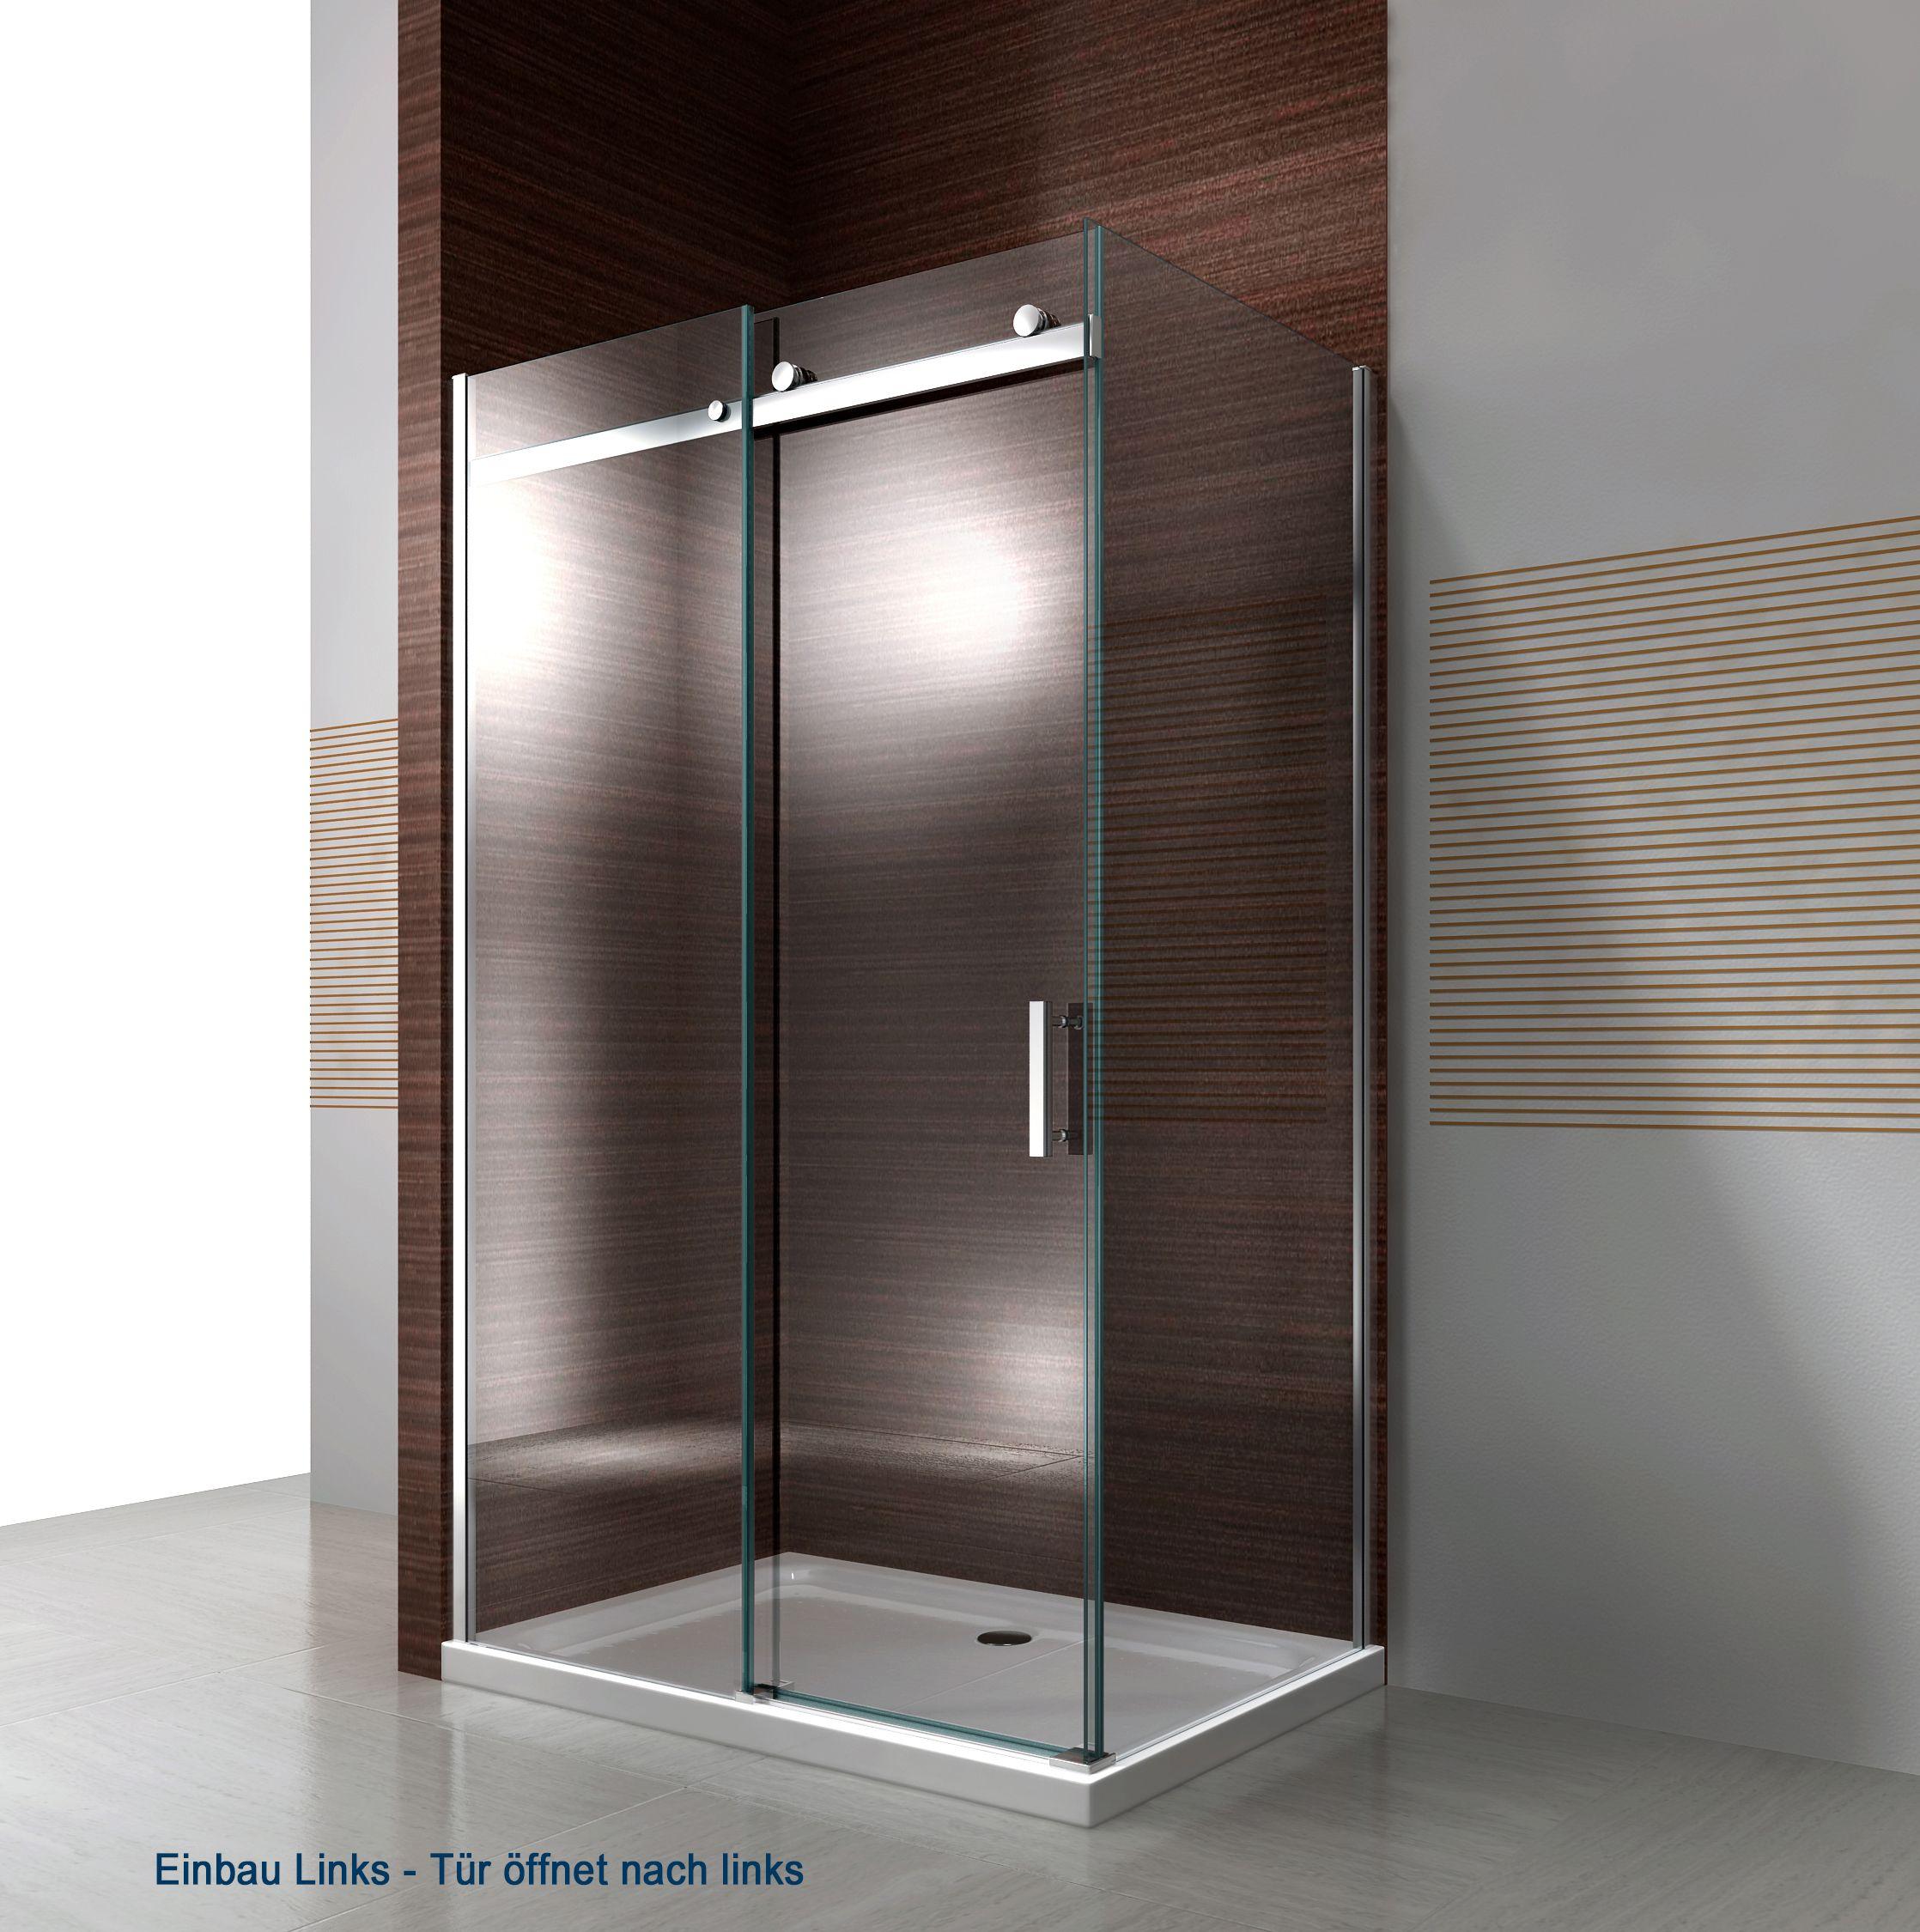 Duschkabine EX806 Einbau Links in 2020 Eckduschen